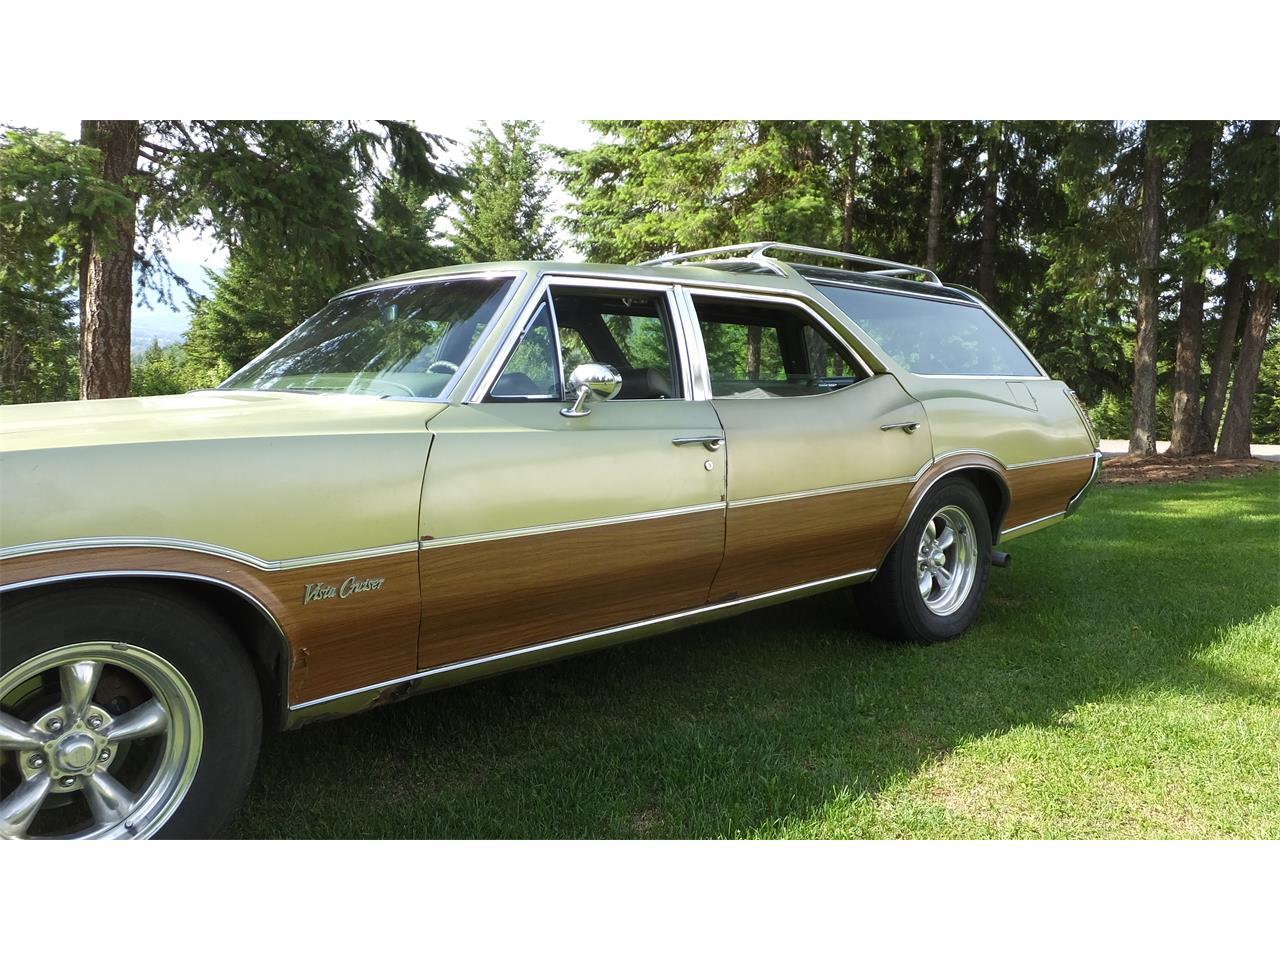 Large Picture of '71 Vista Cruiser - $15,500.00 - LBXI